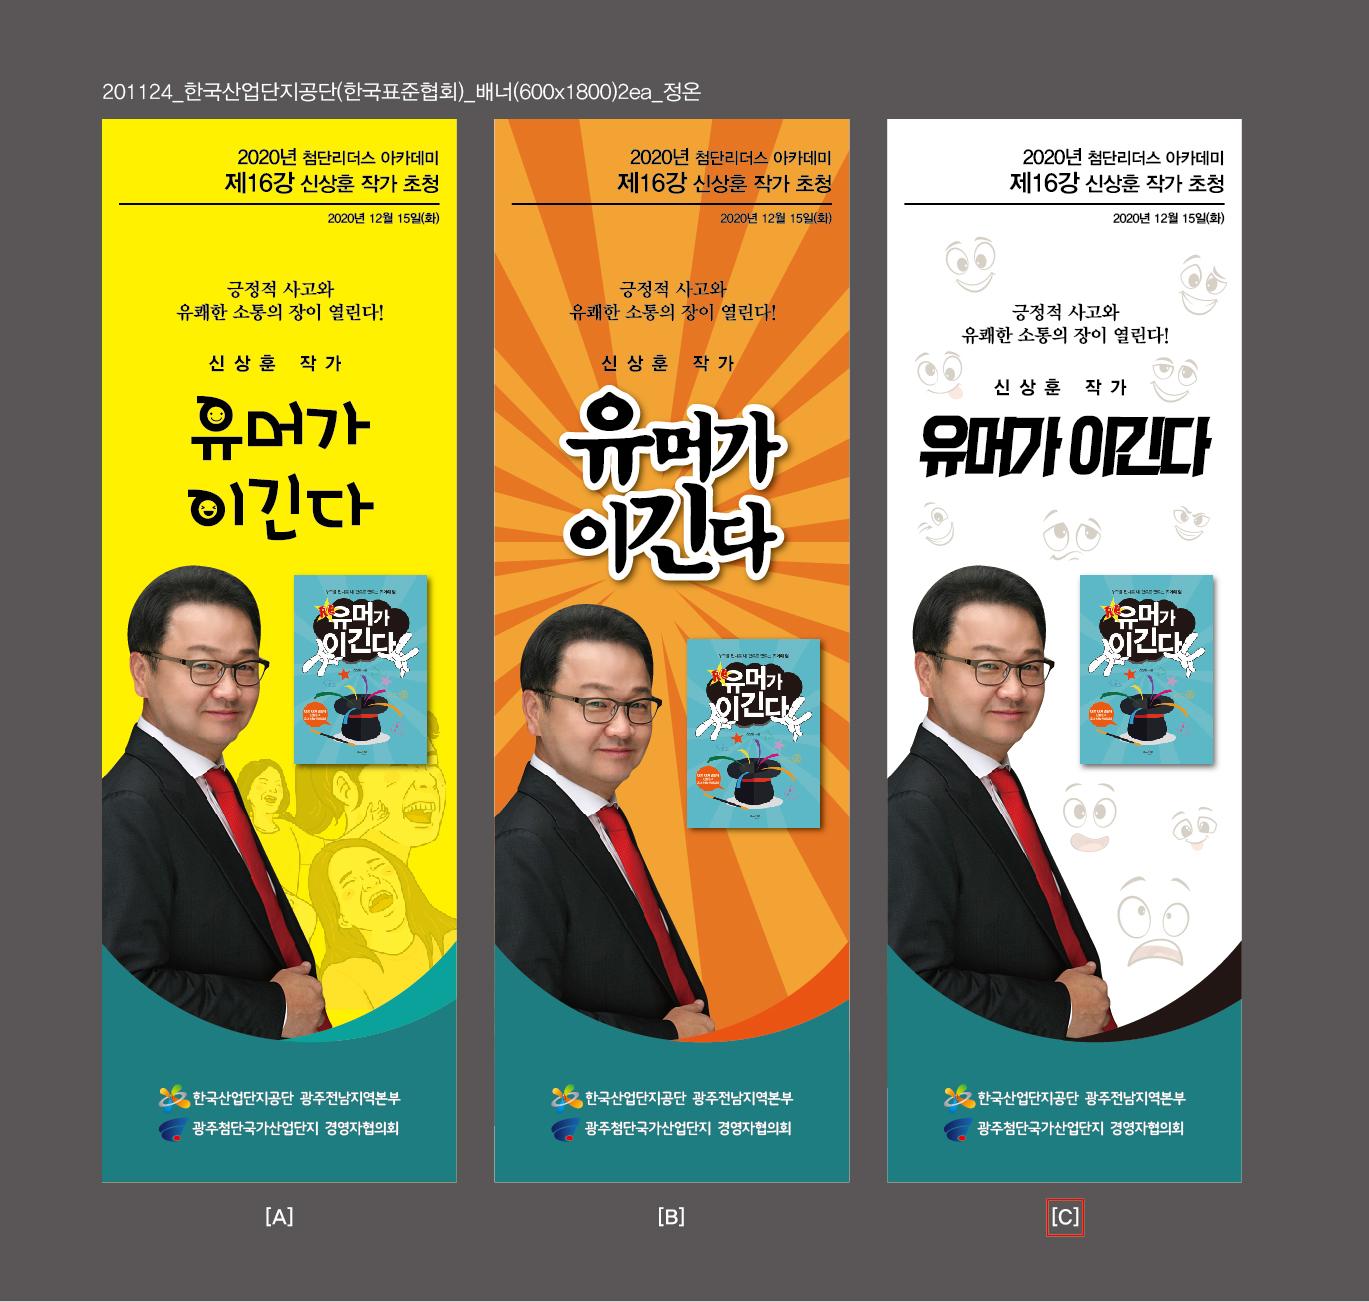 201124_한국산업단지공단(한국표준협회)_배너